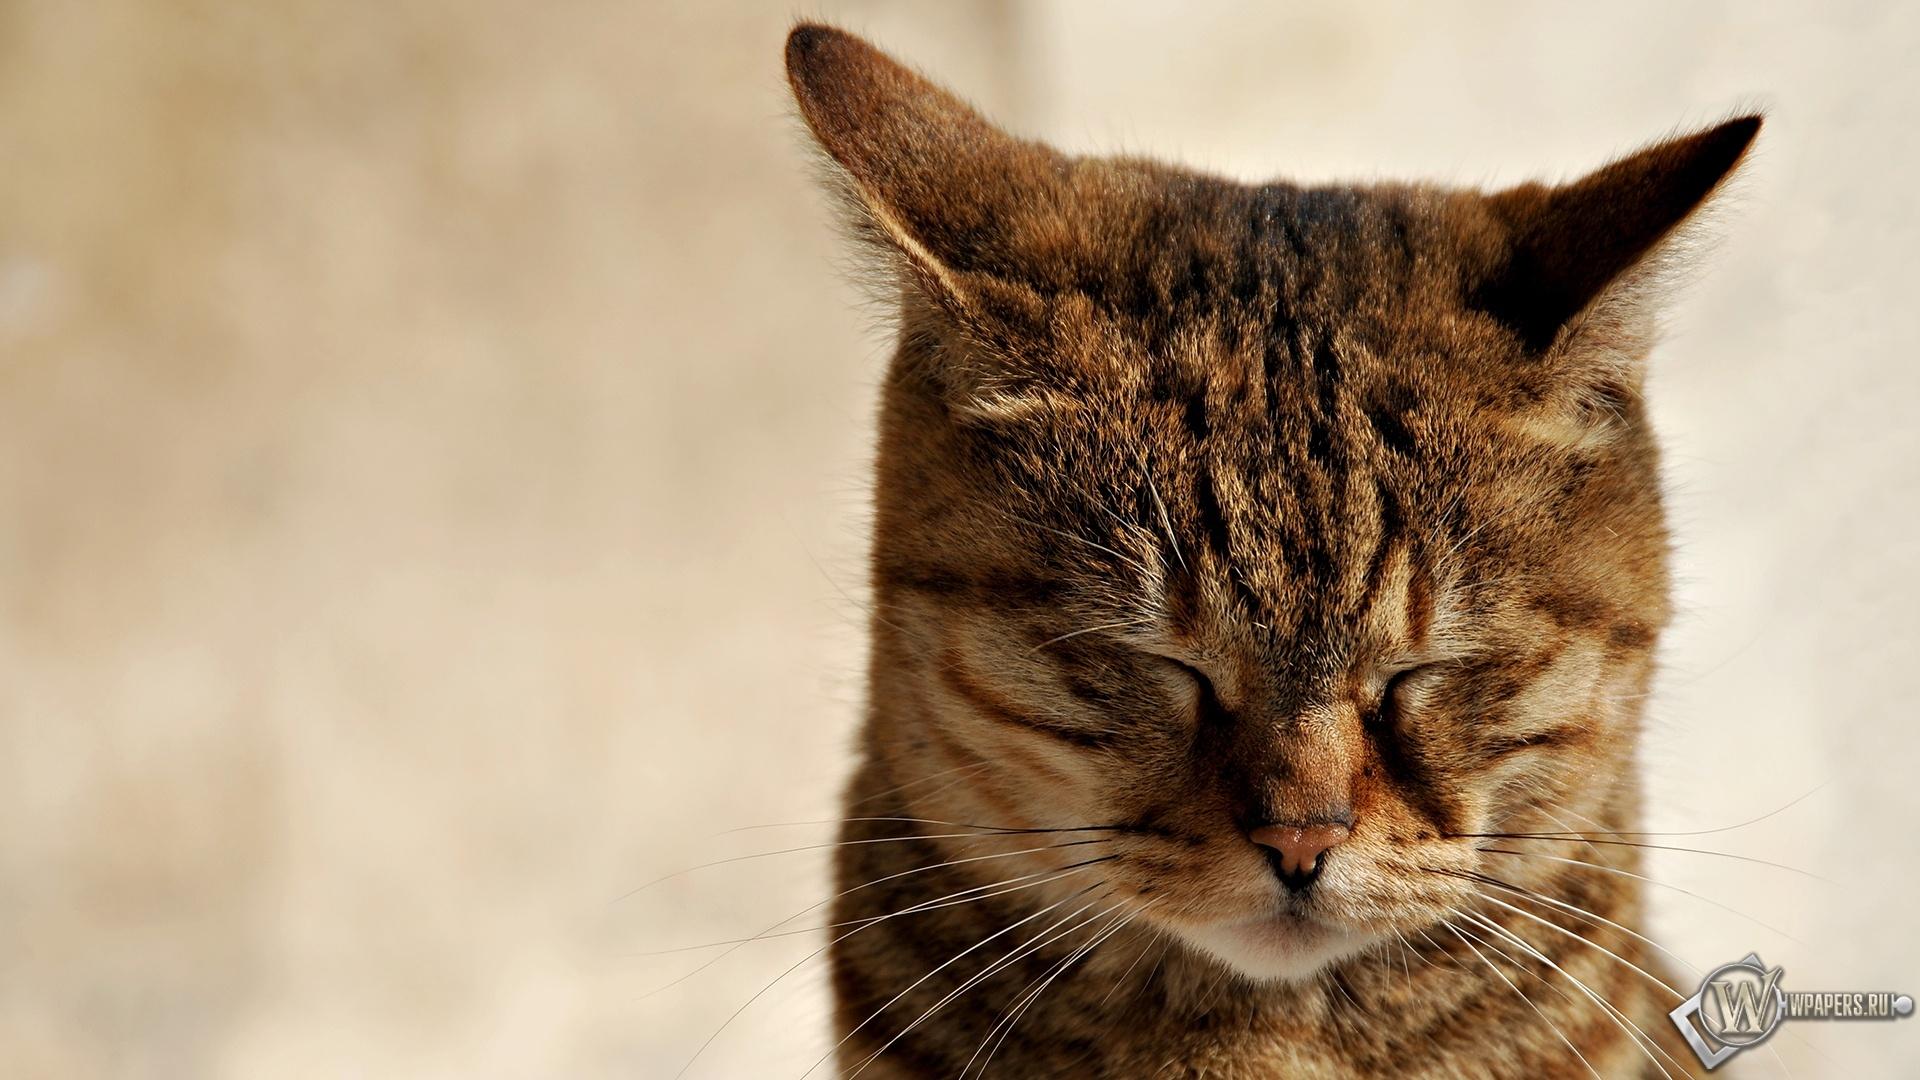 Кошка зажмурилась 1920x1080